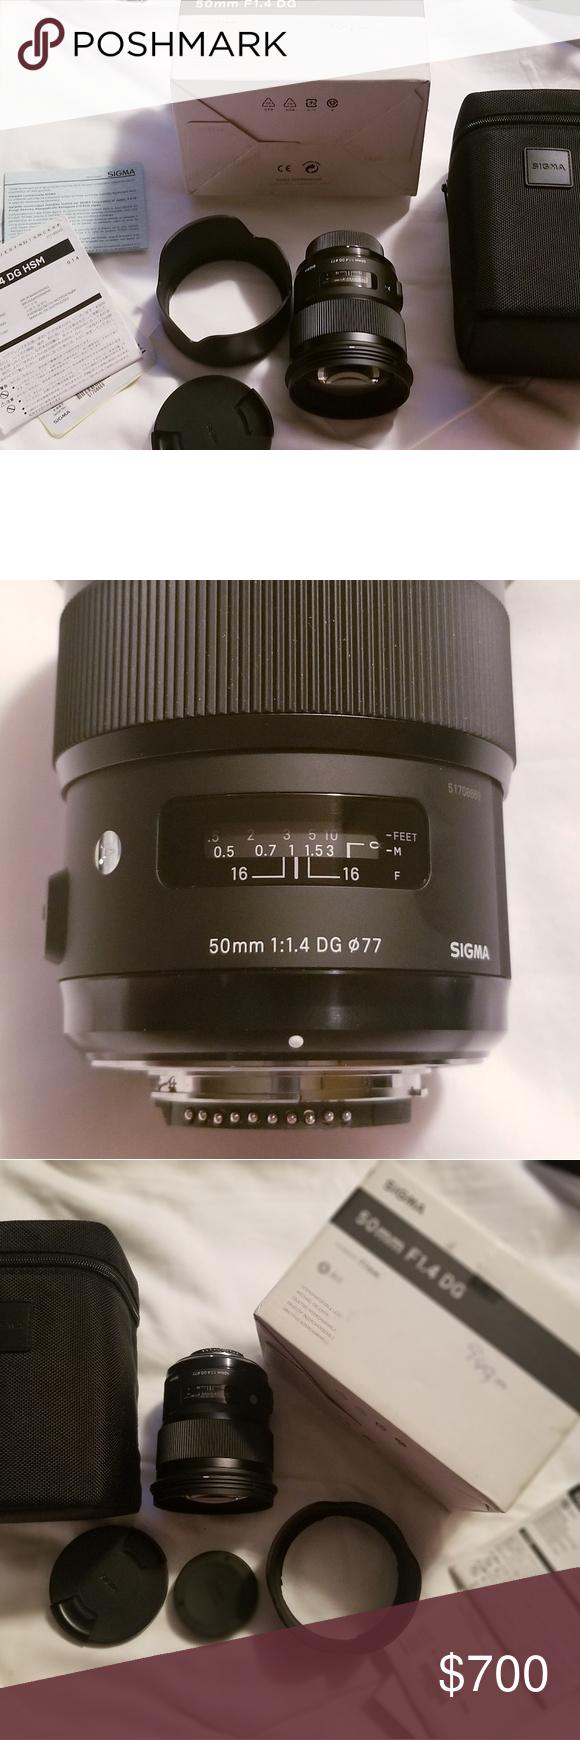 Sigma Af 50mm F 1 4 Dg Hsm Art Lens For Nikon Brand New Never Been Used Sigma 50mm F1 4 Dg Hsm Art Lens For Nikon Cameras Include Art Lens Nikon Prime Lens